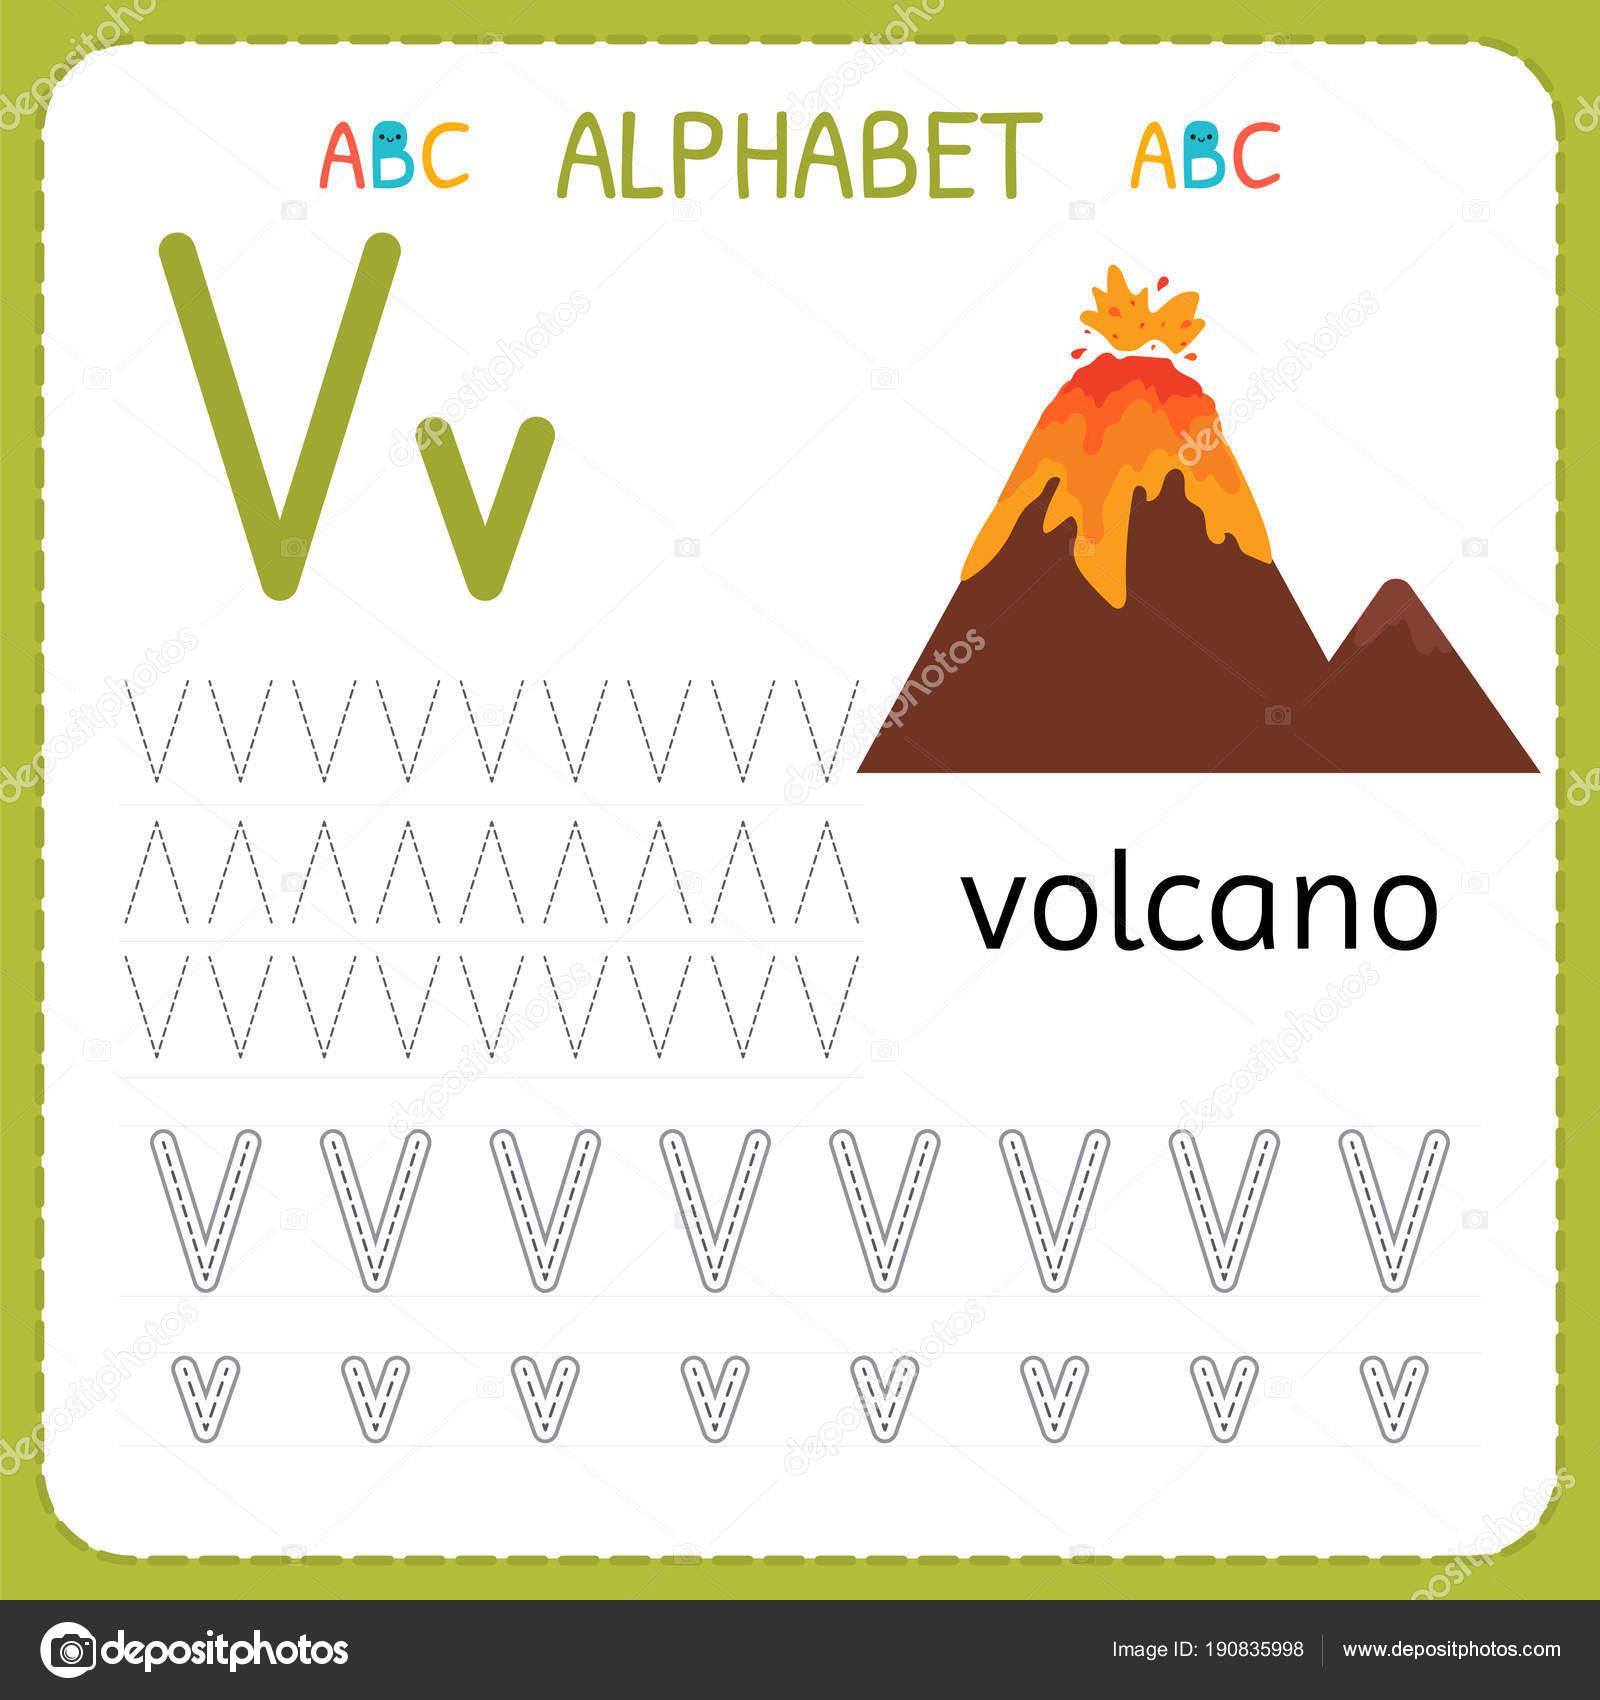 Alphabet tracing worksheet for preschool and kindergarten writing alphabet tracing worksheet for preschool and kindergarten writing practice letter v exercises for kids spiritdancerdesigns Images